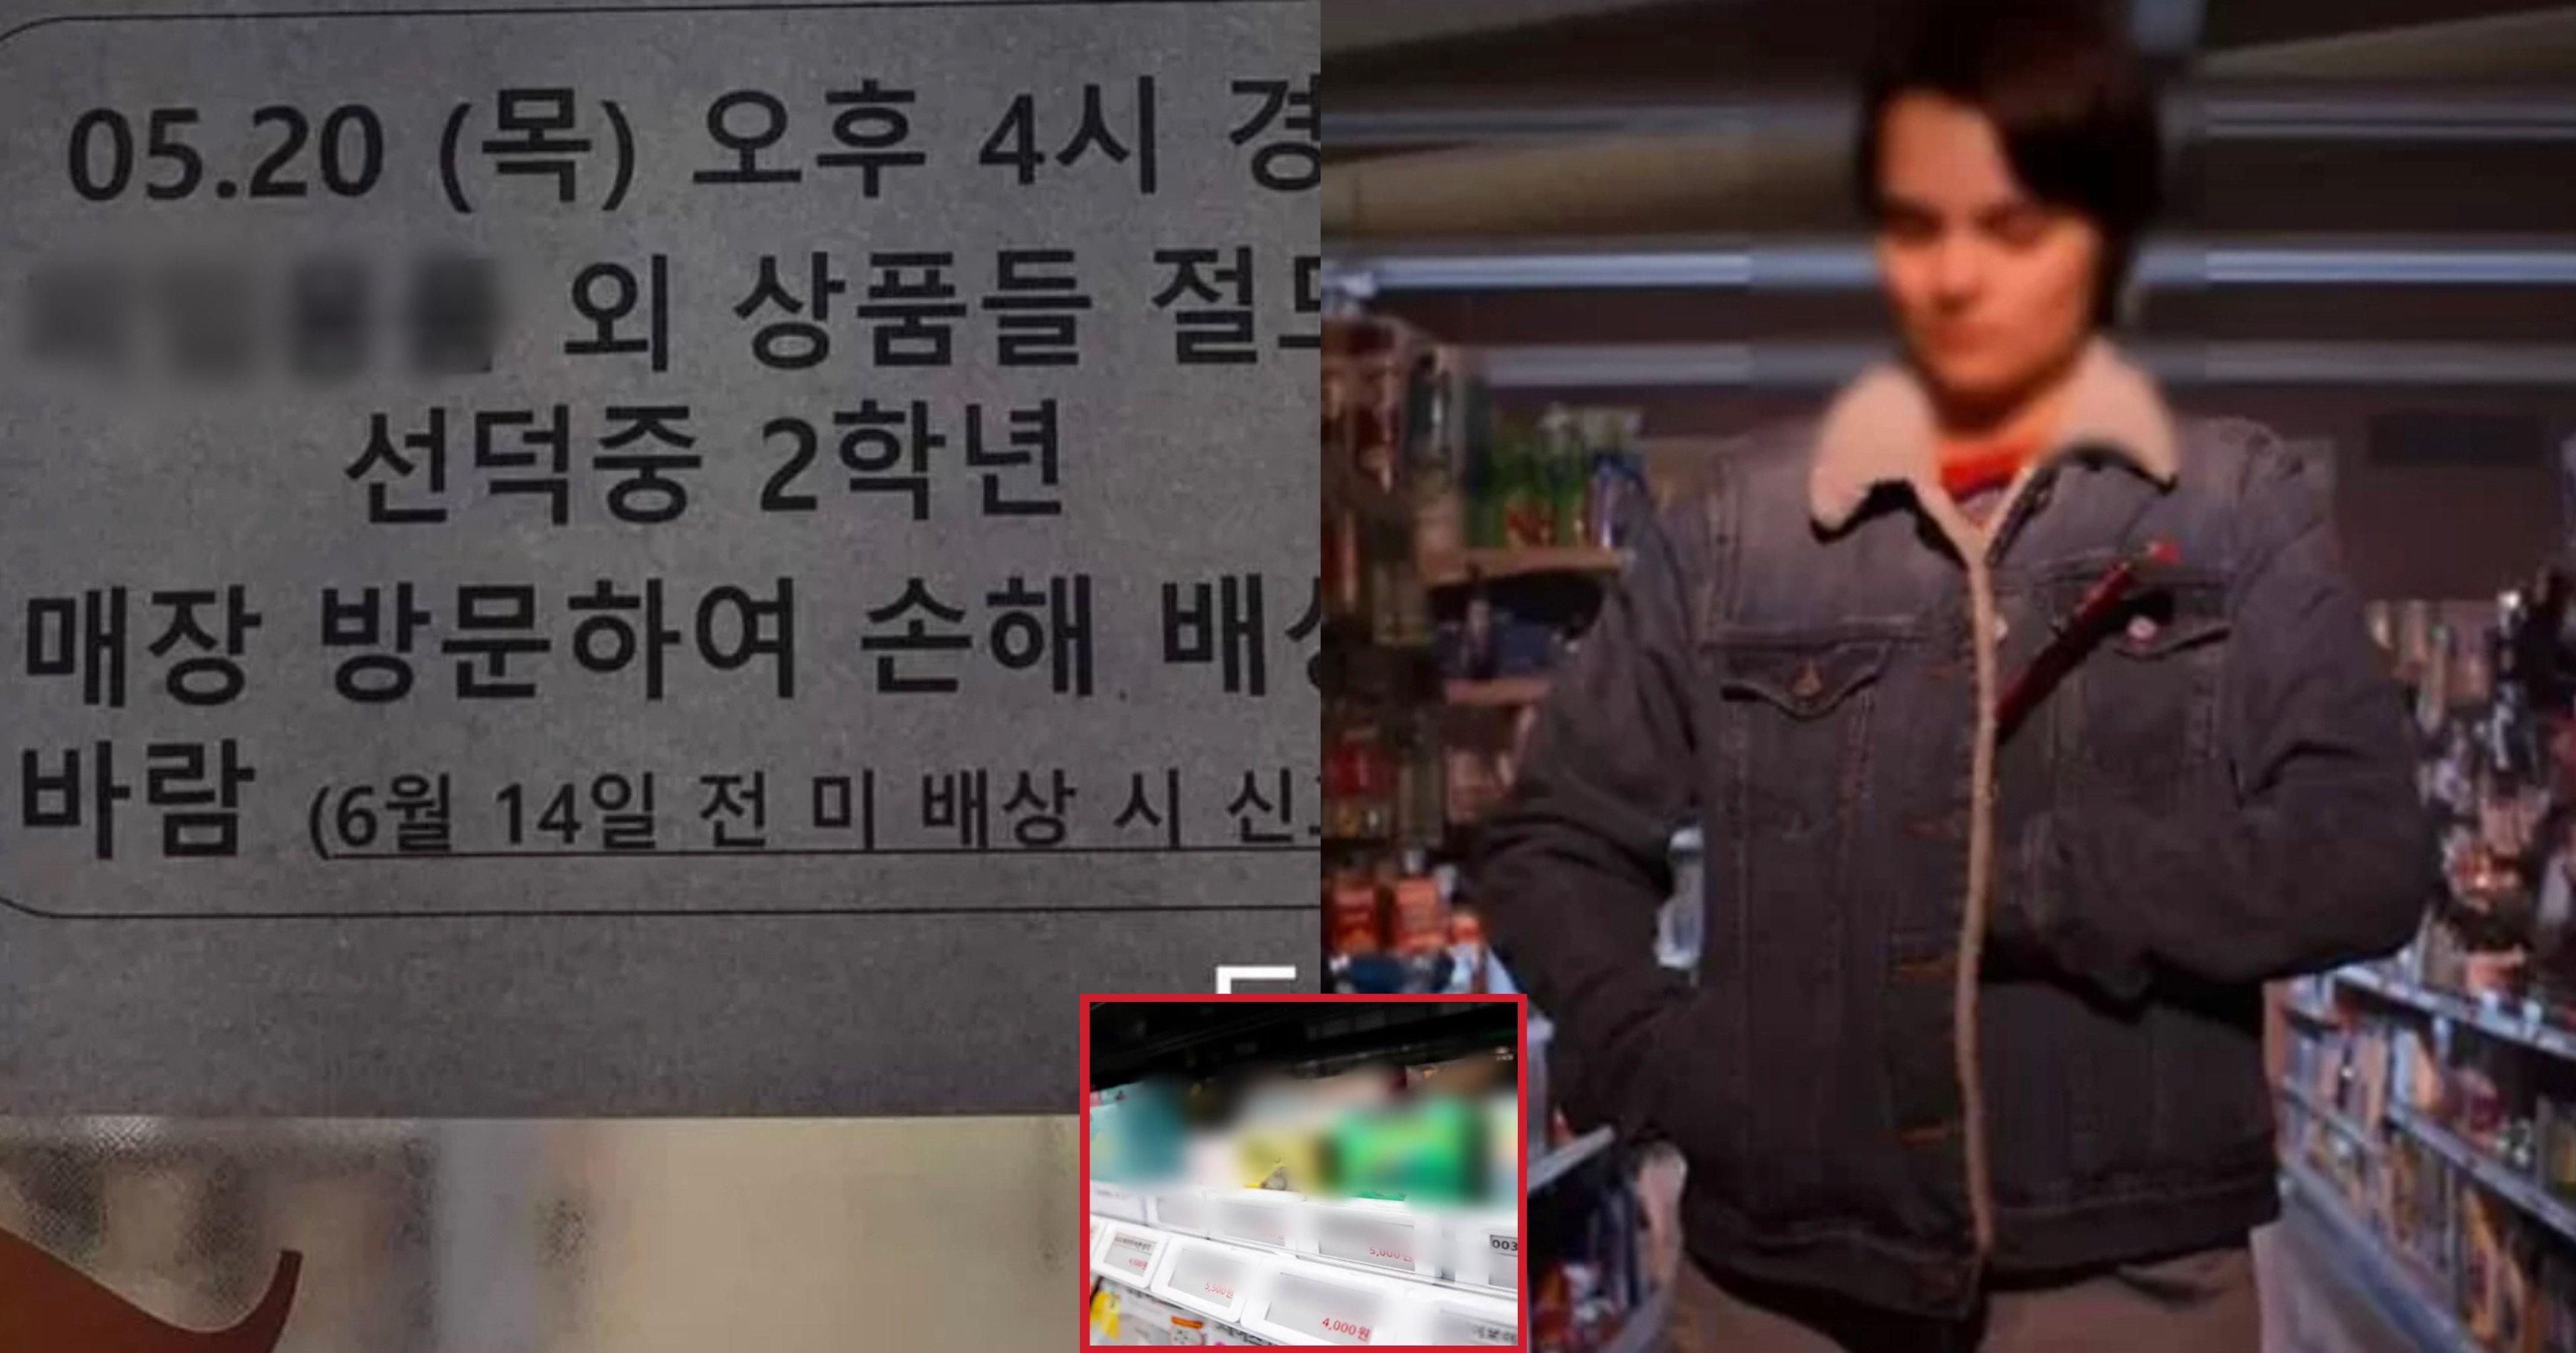 """3d8937f7 dc3e 4c87 81ba 464c79f717bf.jpeg?resize=1200,630 - """"선덕중 2학년 매장 방문 요망""""..중학생이 피임 용품을 훔친 '충격적인' 이유(+사진)"""